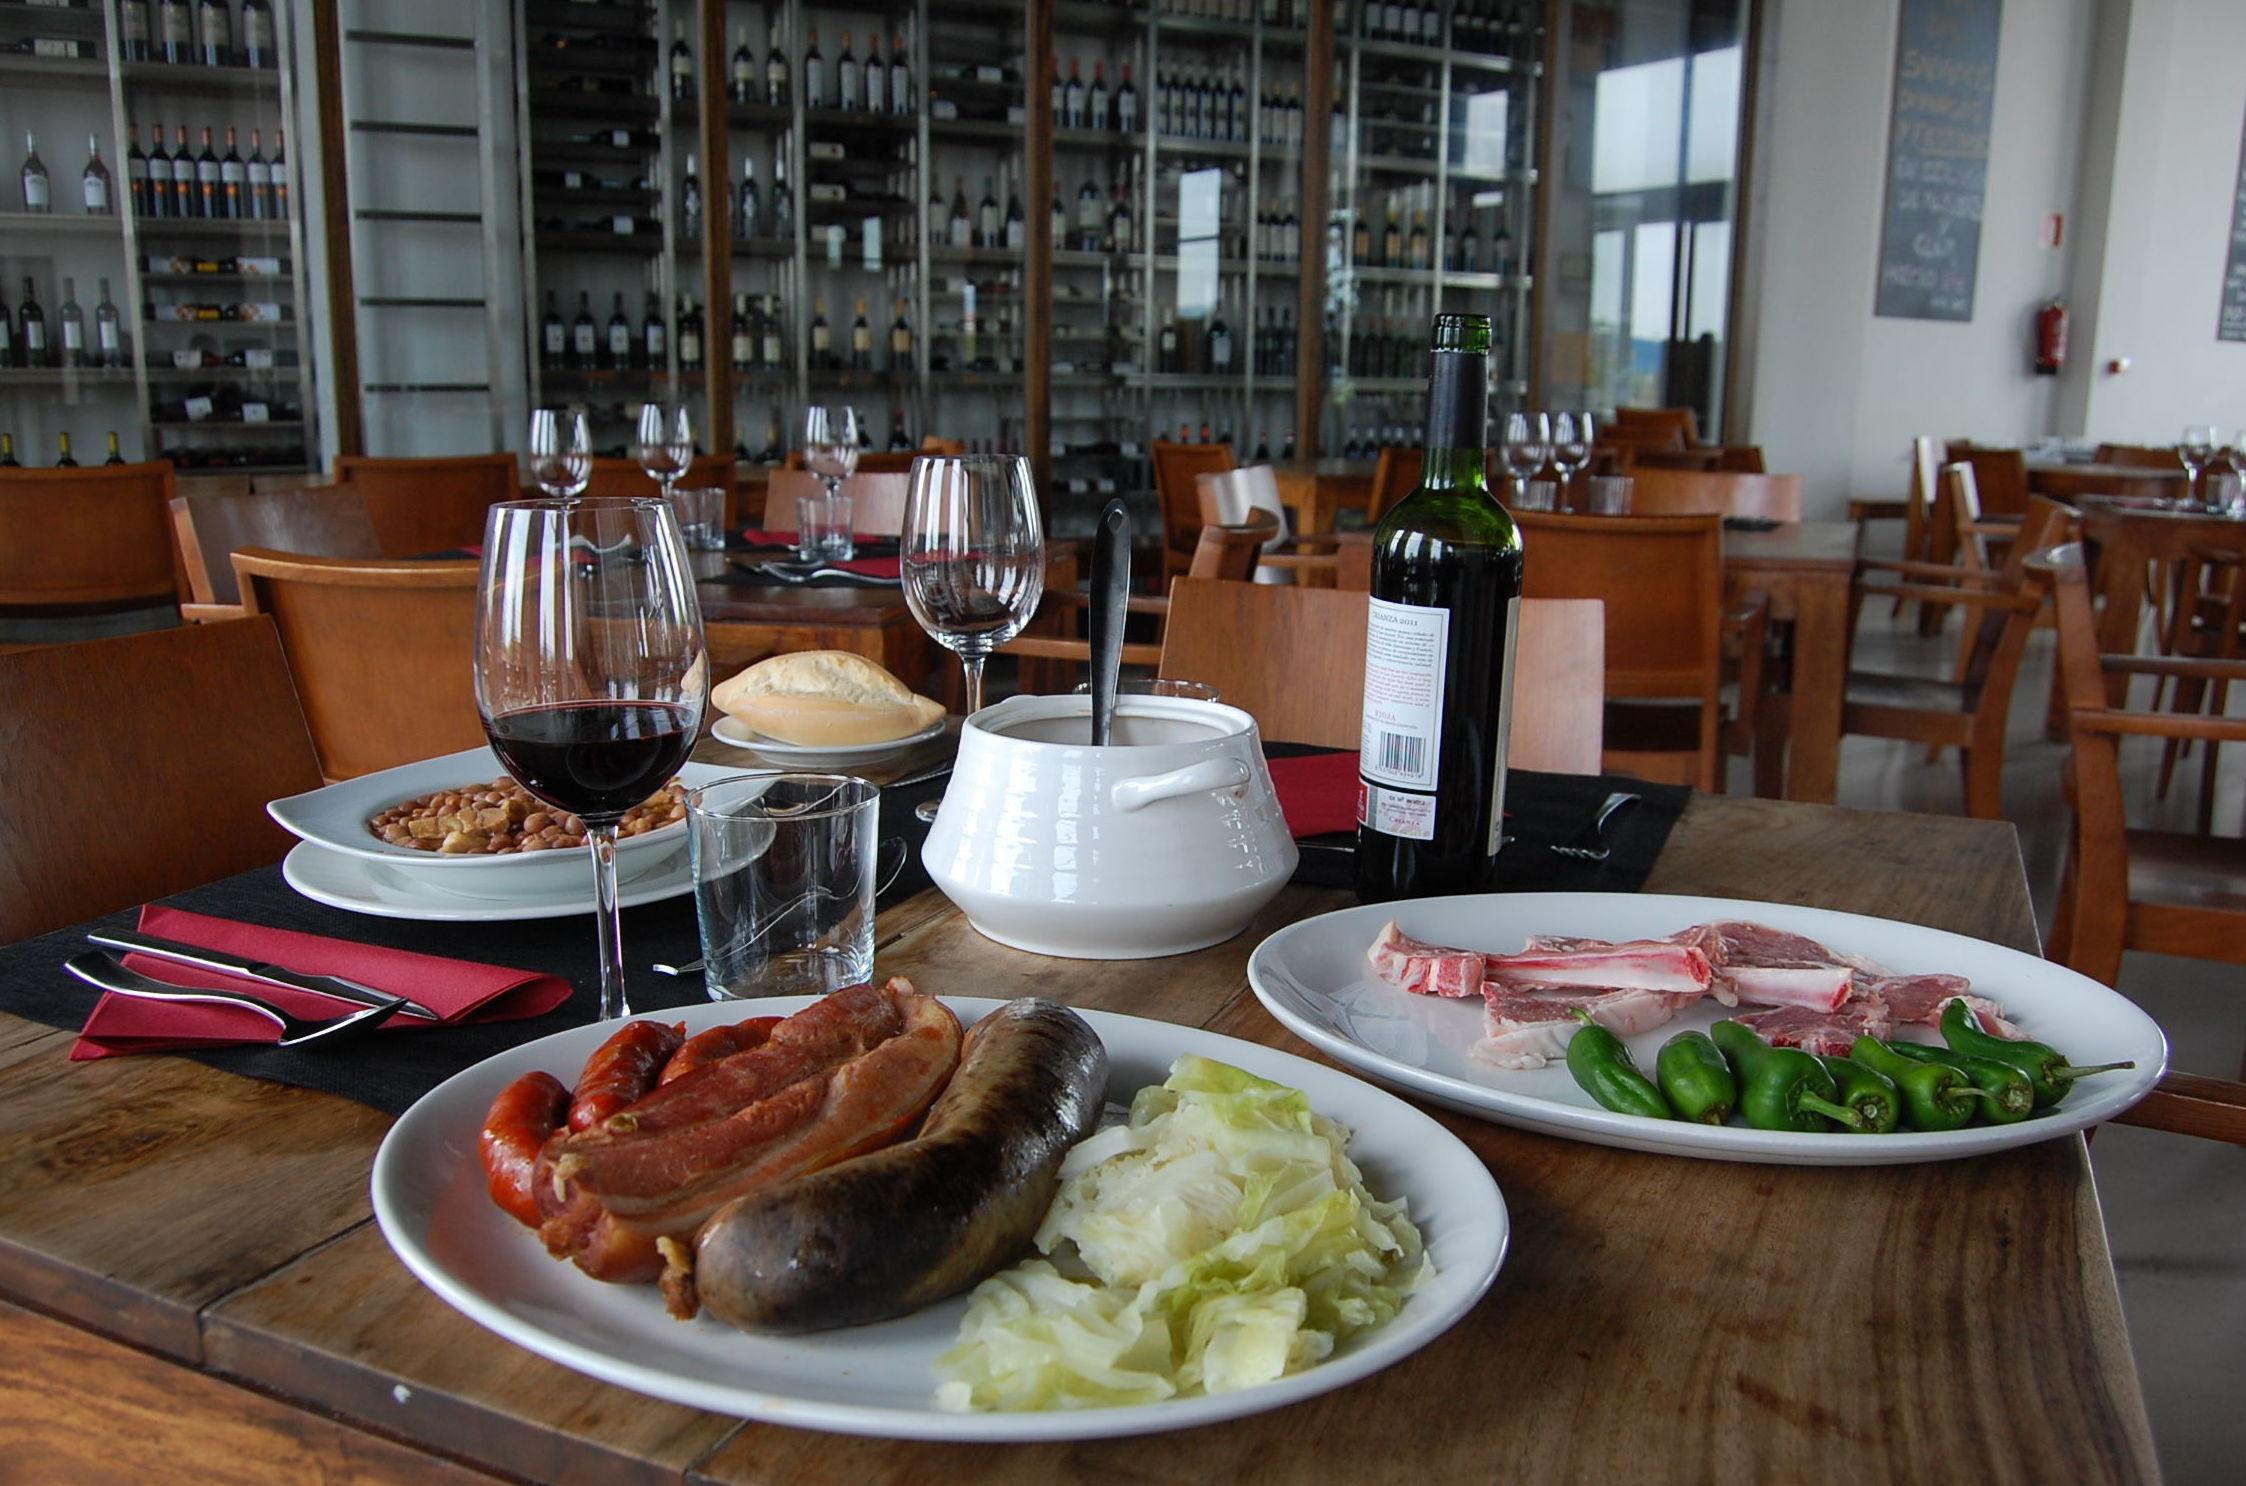 Cocina de mercado con productos tradicionales de La Rioja